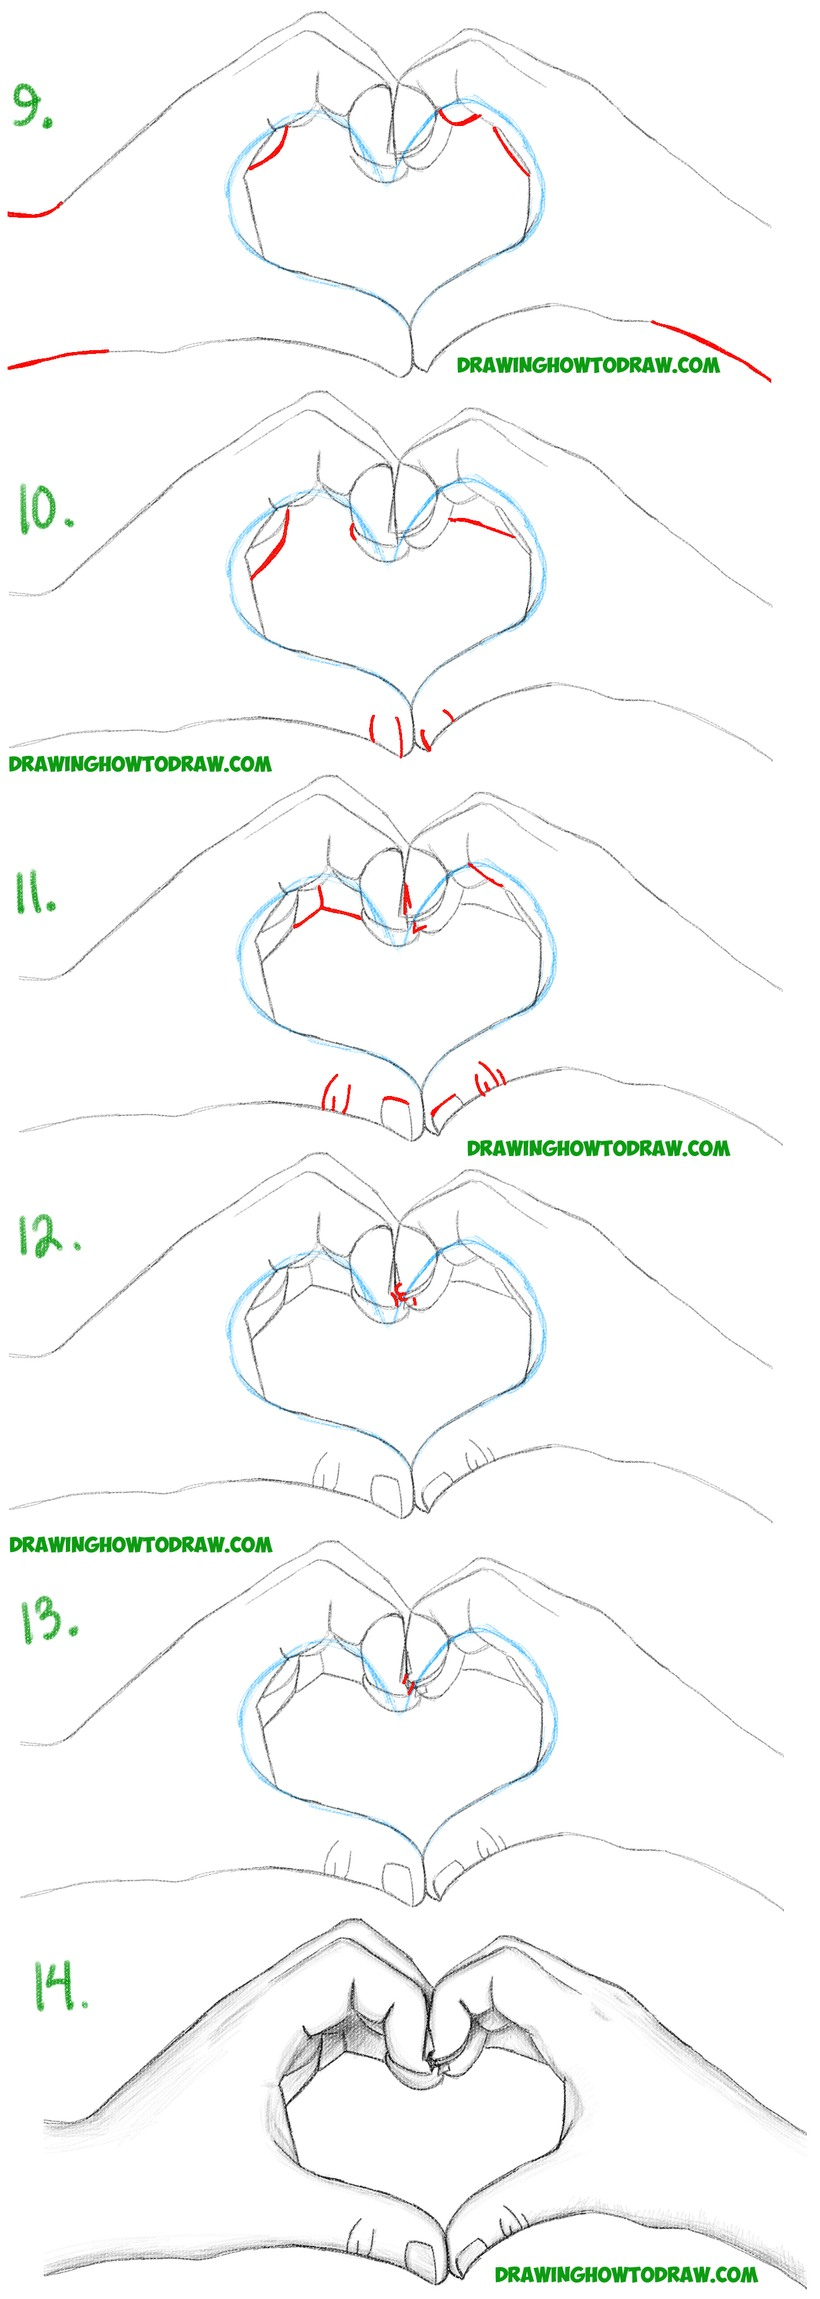 dibujar manos formando un corazón paso a paso a lápiz